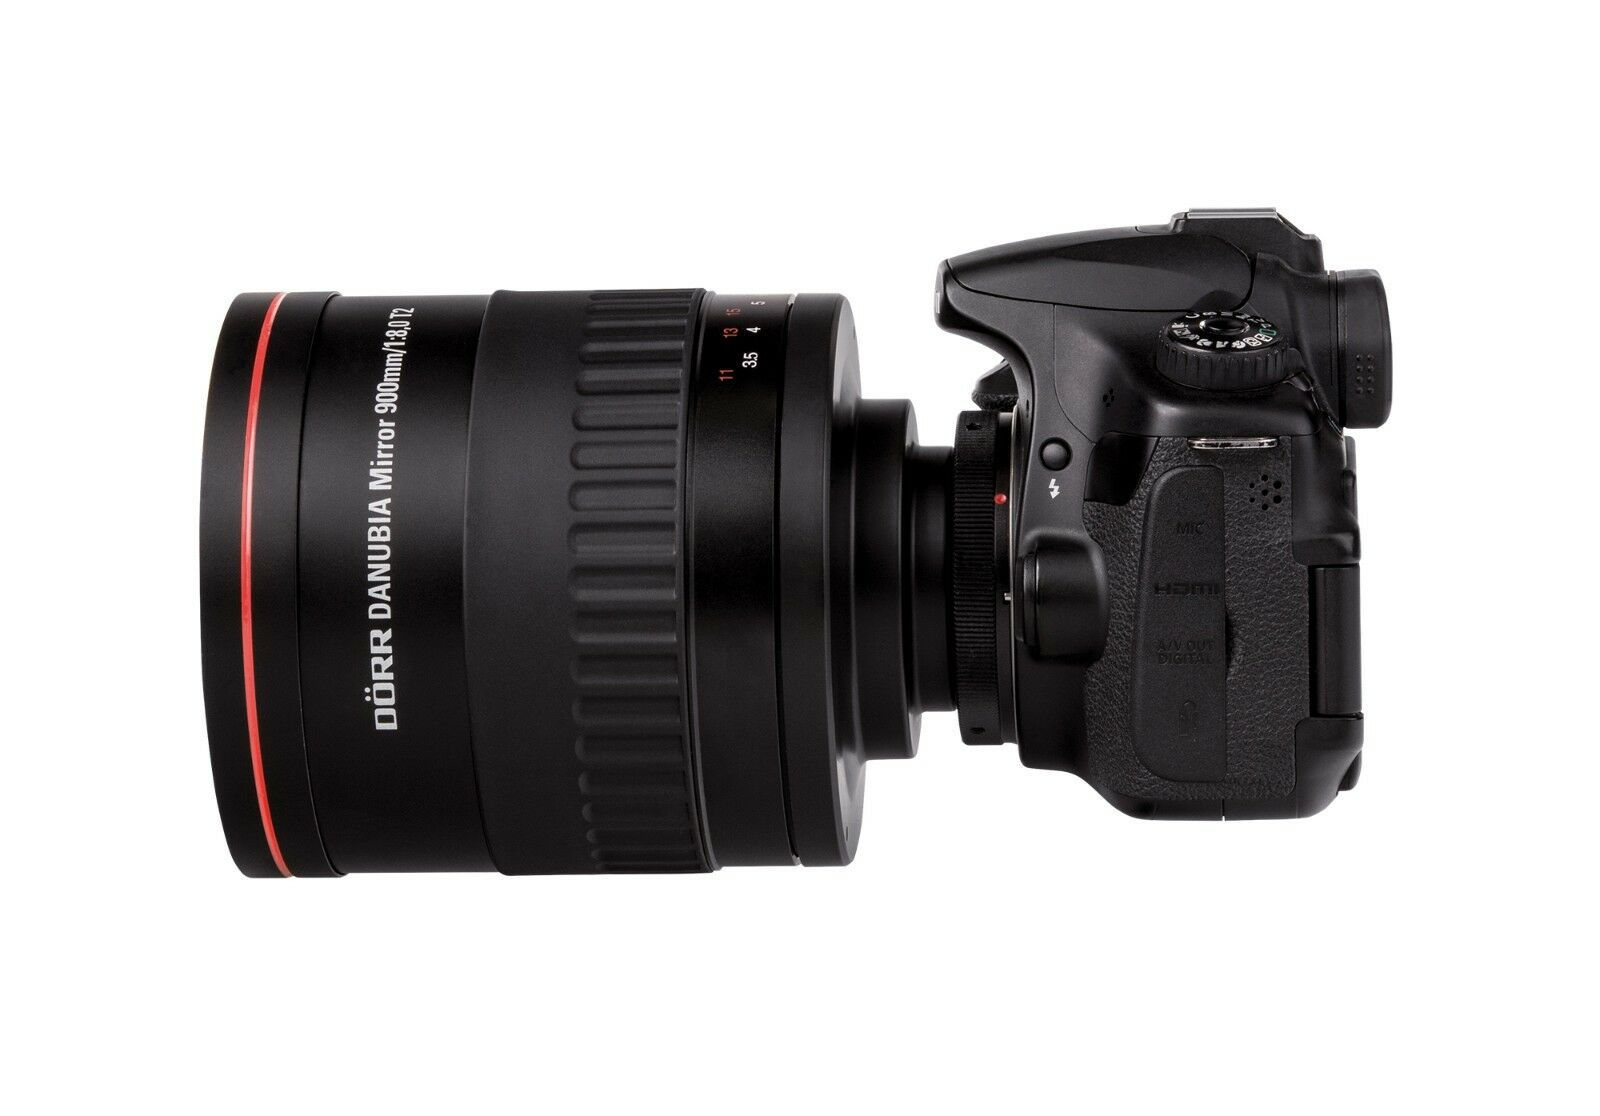 wholesale new Telephoto Lens 900mm for Canon EOS 200d 800d 77d 1300d 1200d 1100d 1000d 760d